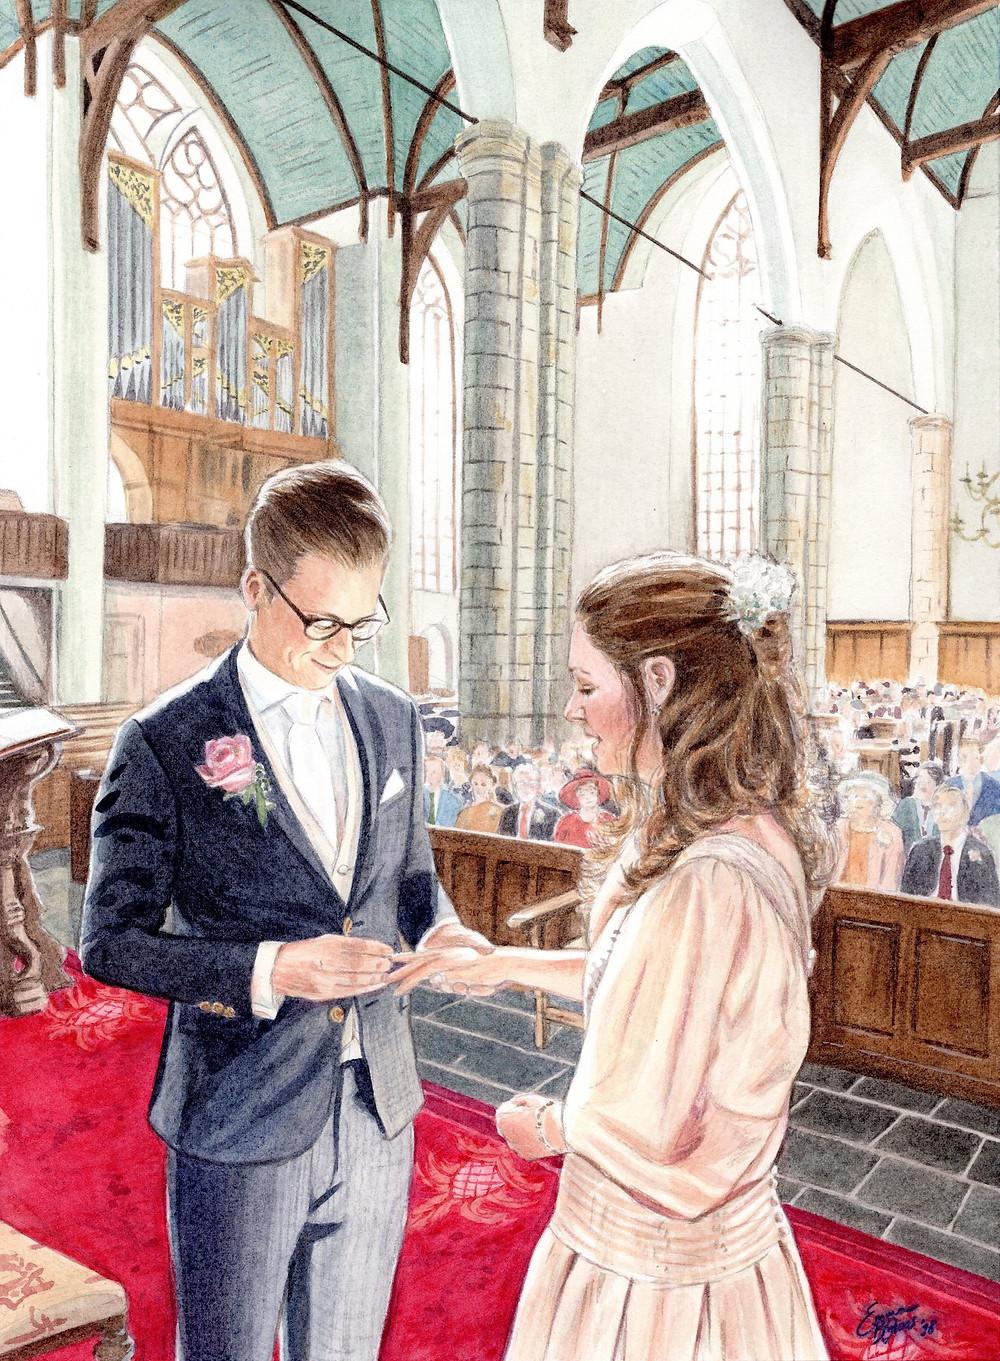 Waterverfschilderij huwelijk Lennart & Welmoet (c) Emma Bijloos